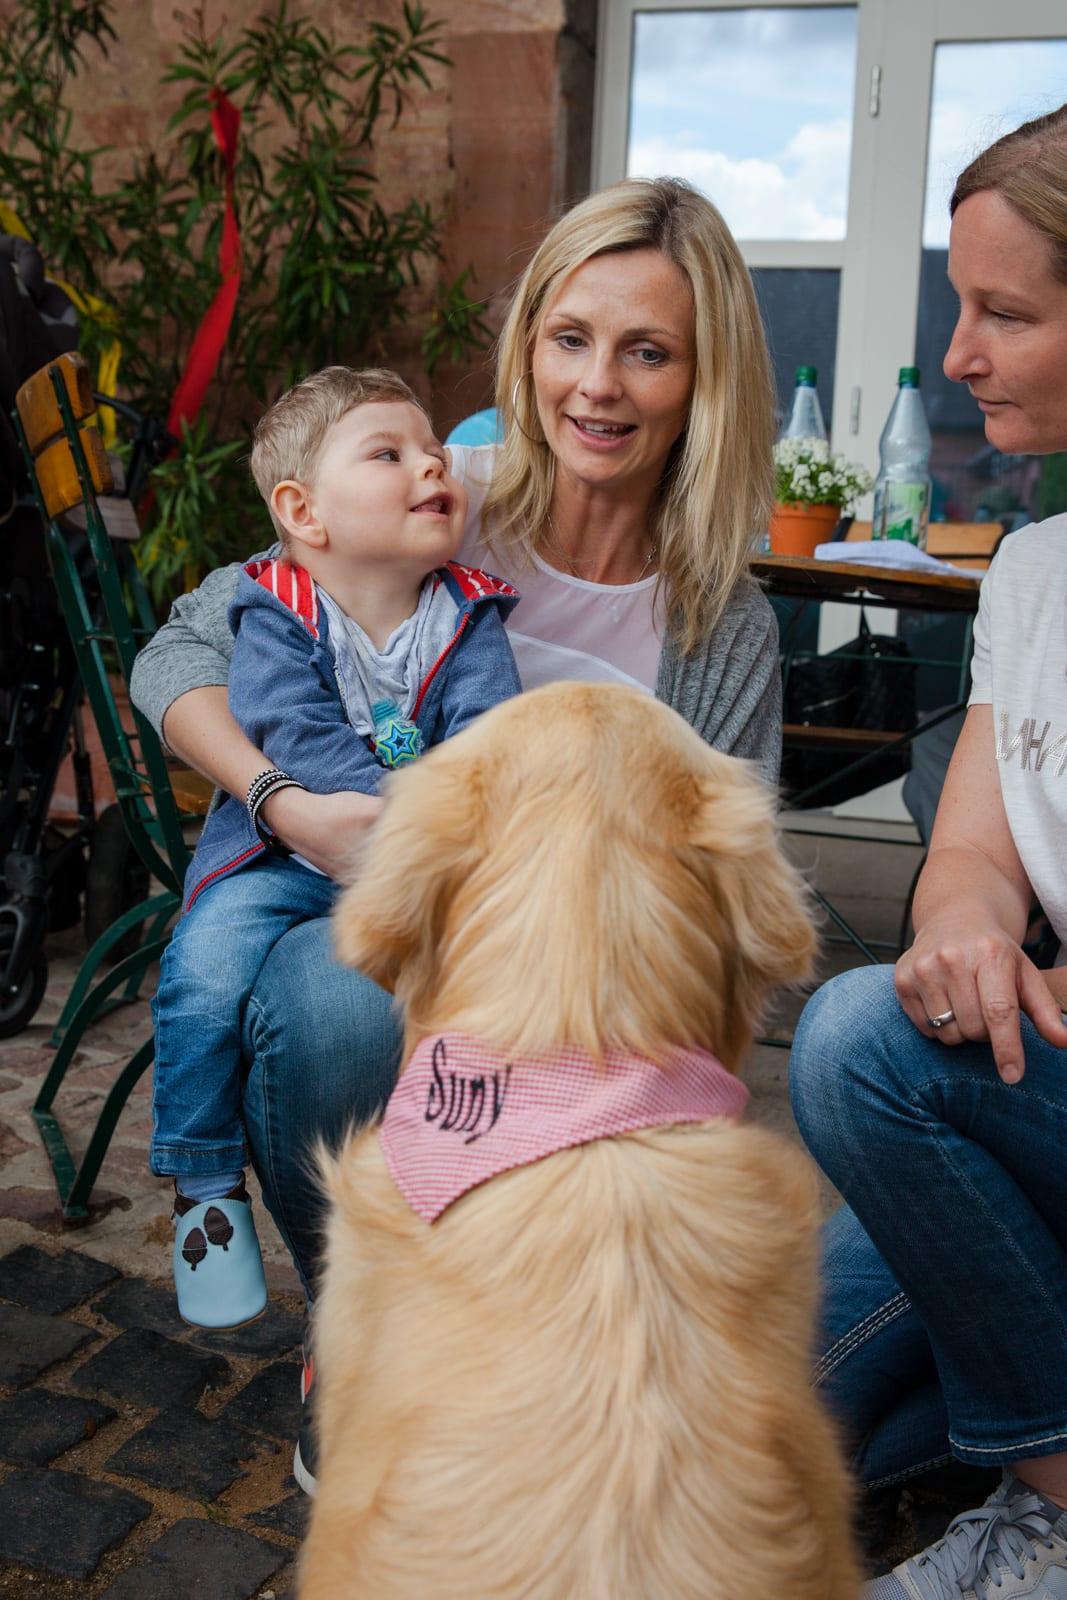 Eine Frau hat ihr Kind auf dem Schoss und ein Hund sitzt vor ihr